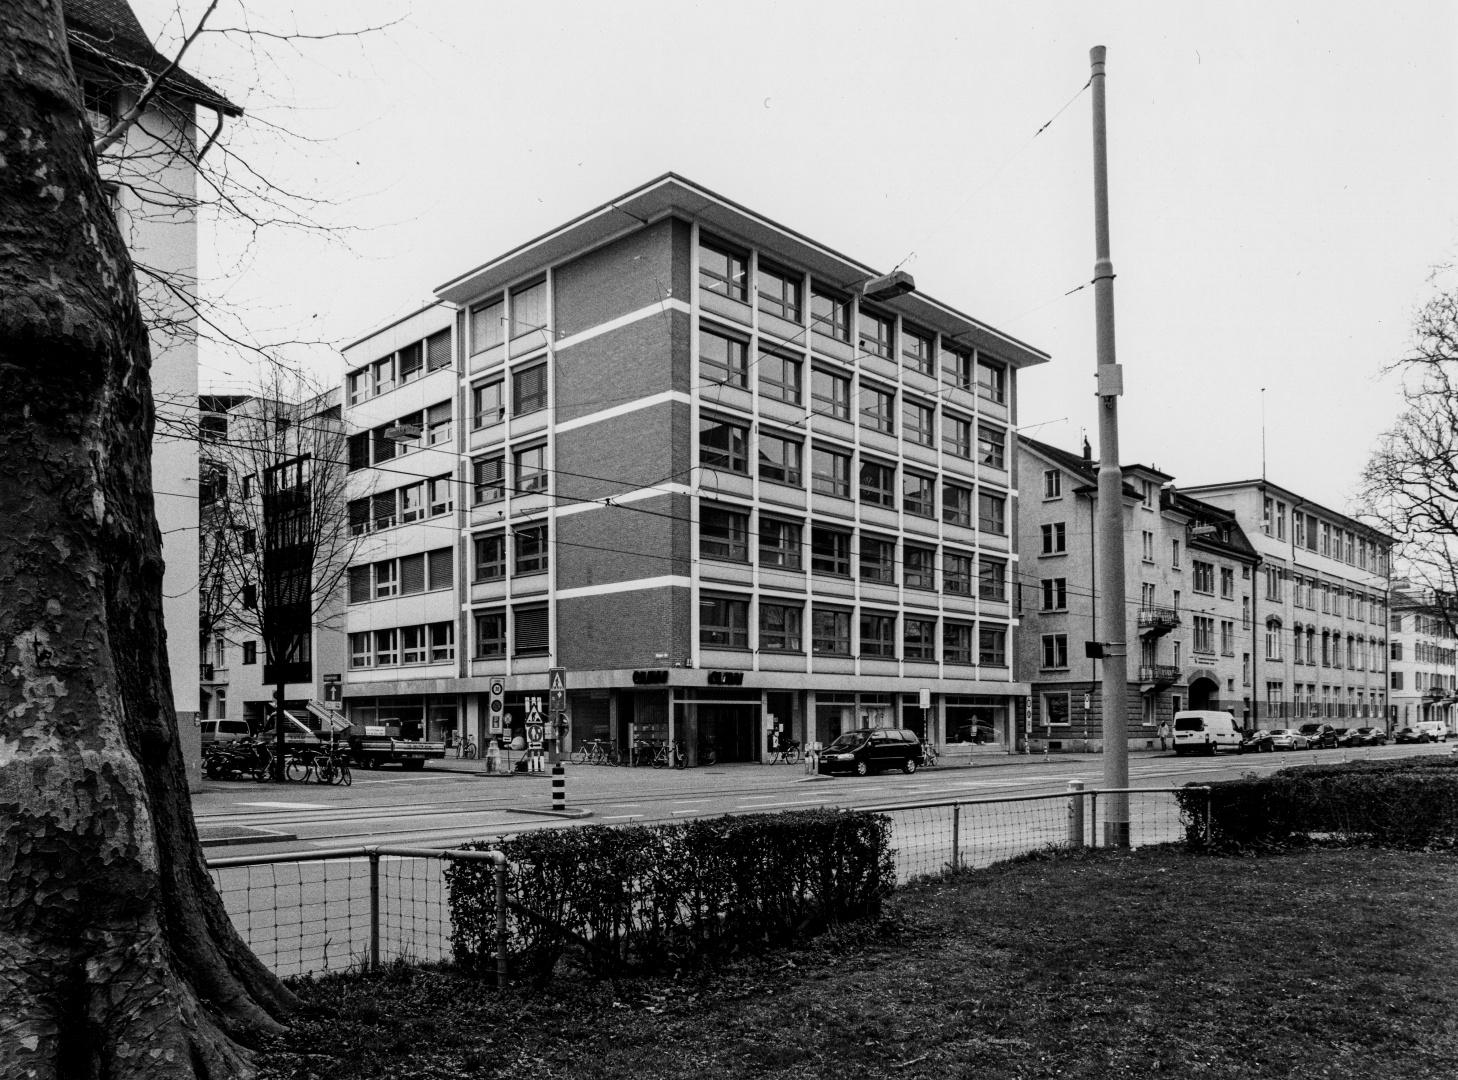 Bürohaus Walo Bertschinger, erbaut 1950 – 1959 Foto aus dem Baugeschichtlichen Archiv Zürich © Hanspeter Dudli